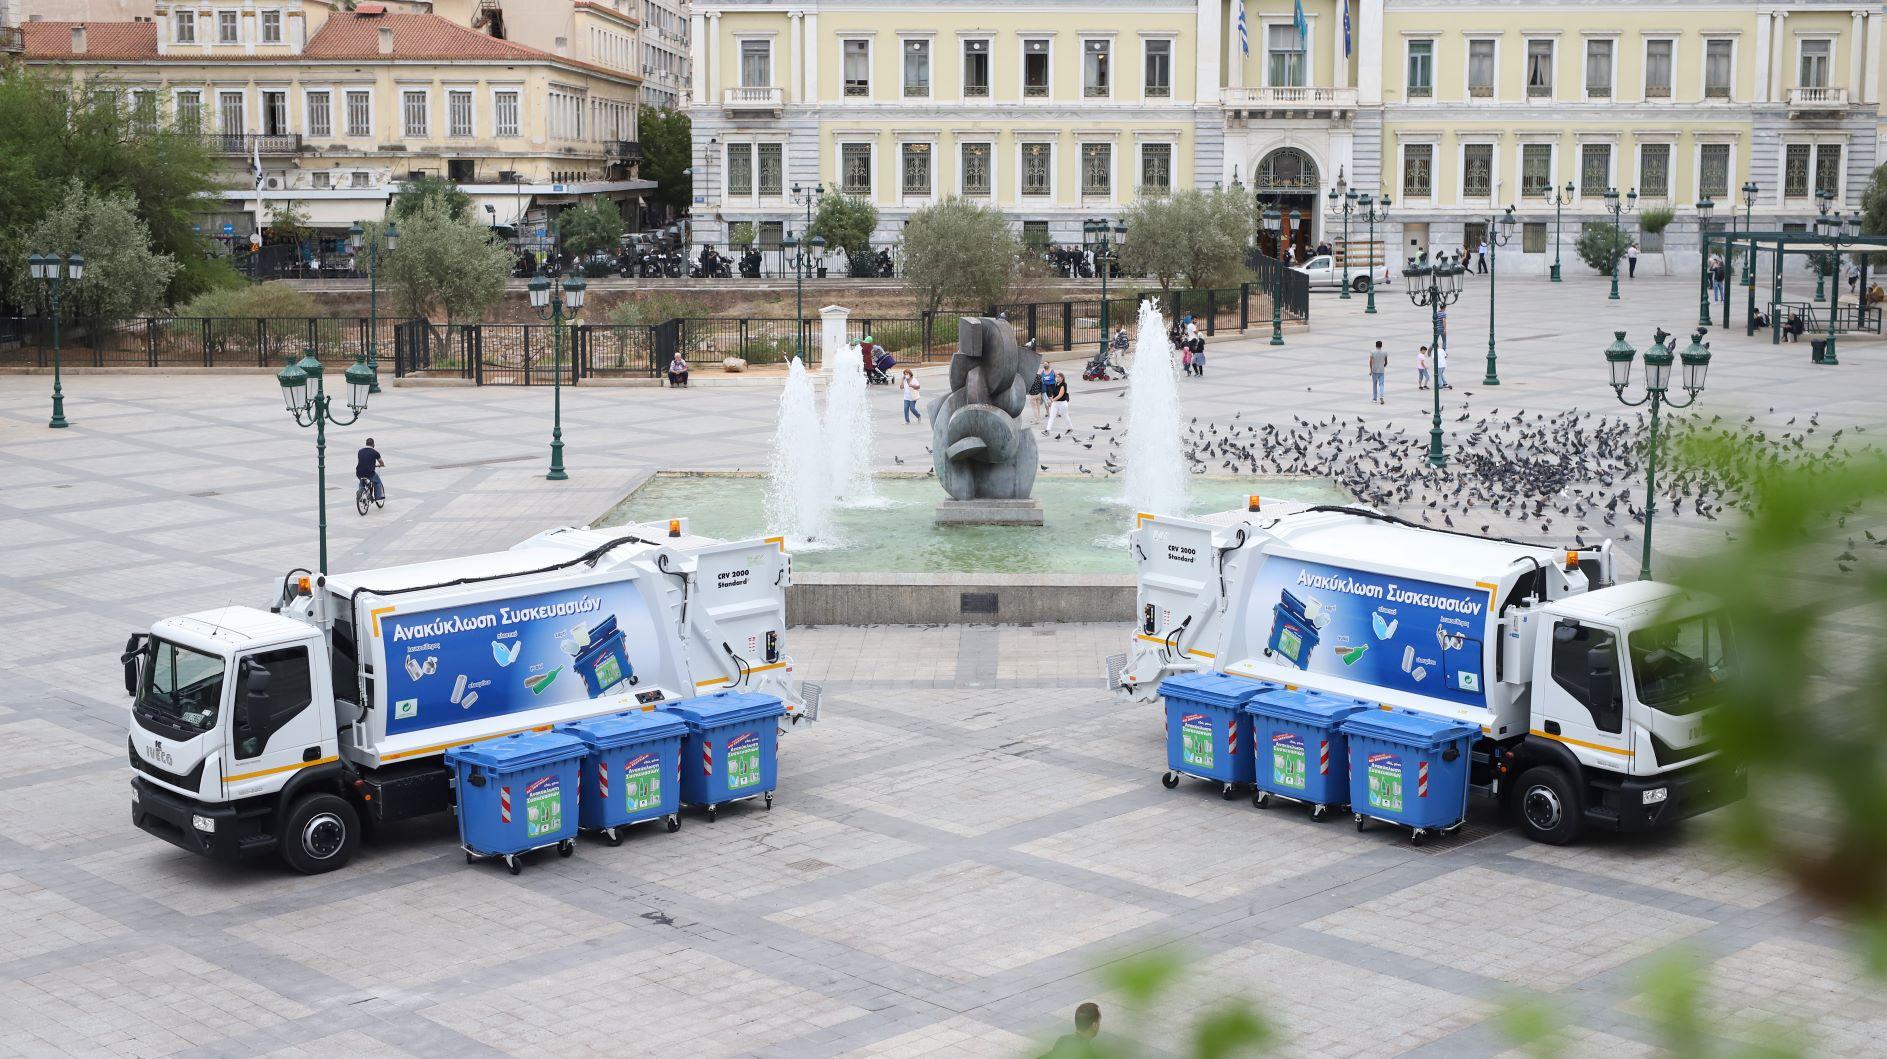 Νέα εποχή για την ανακύκλωση από τον Δήμο Αθηναίων – 27 σύγχρονα απορριμματοφόρα και 4.000 κάδοι ανακύκλωσης